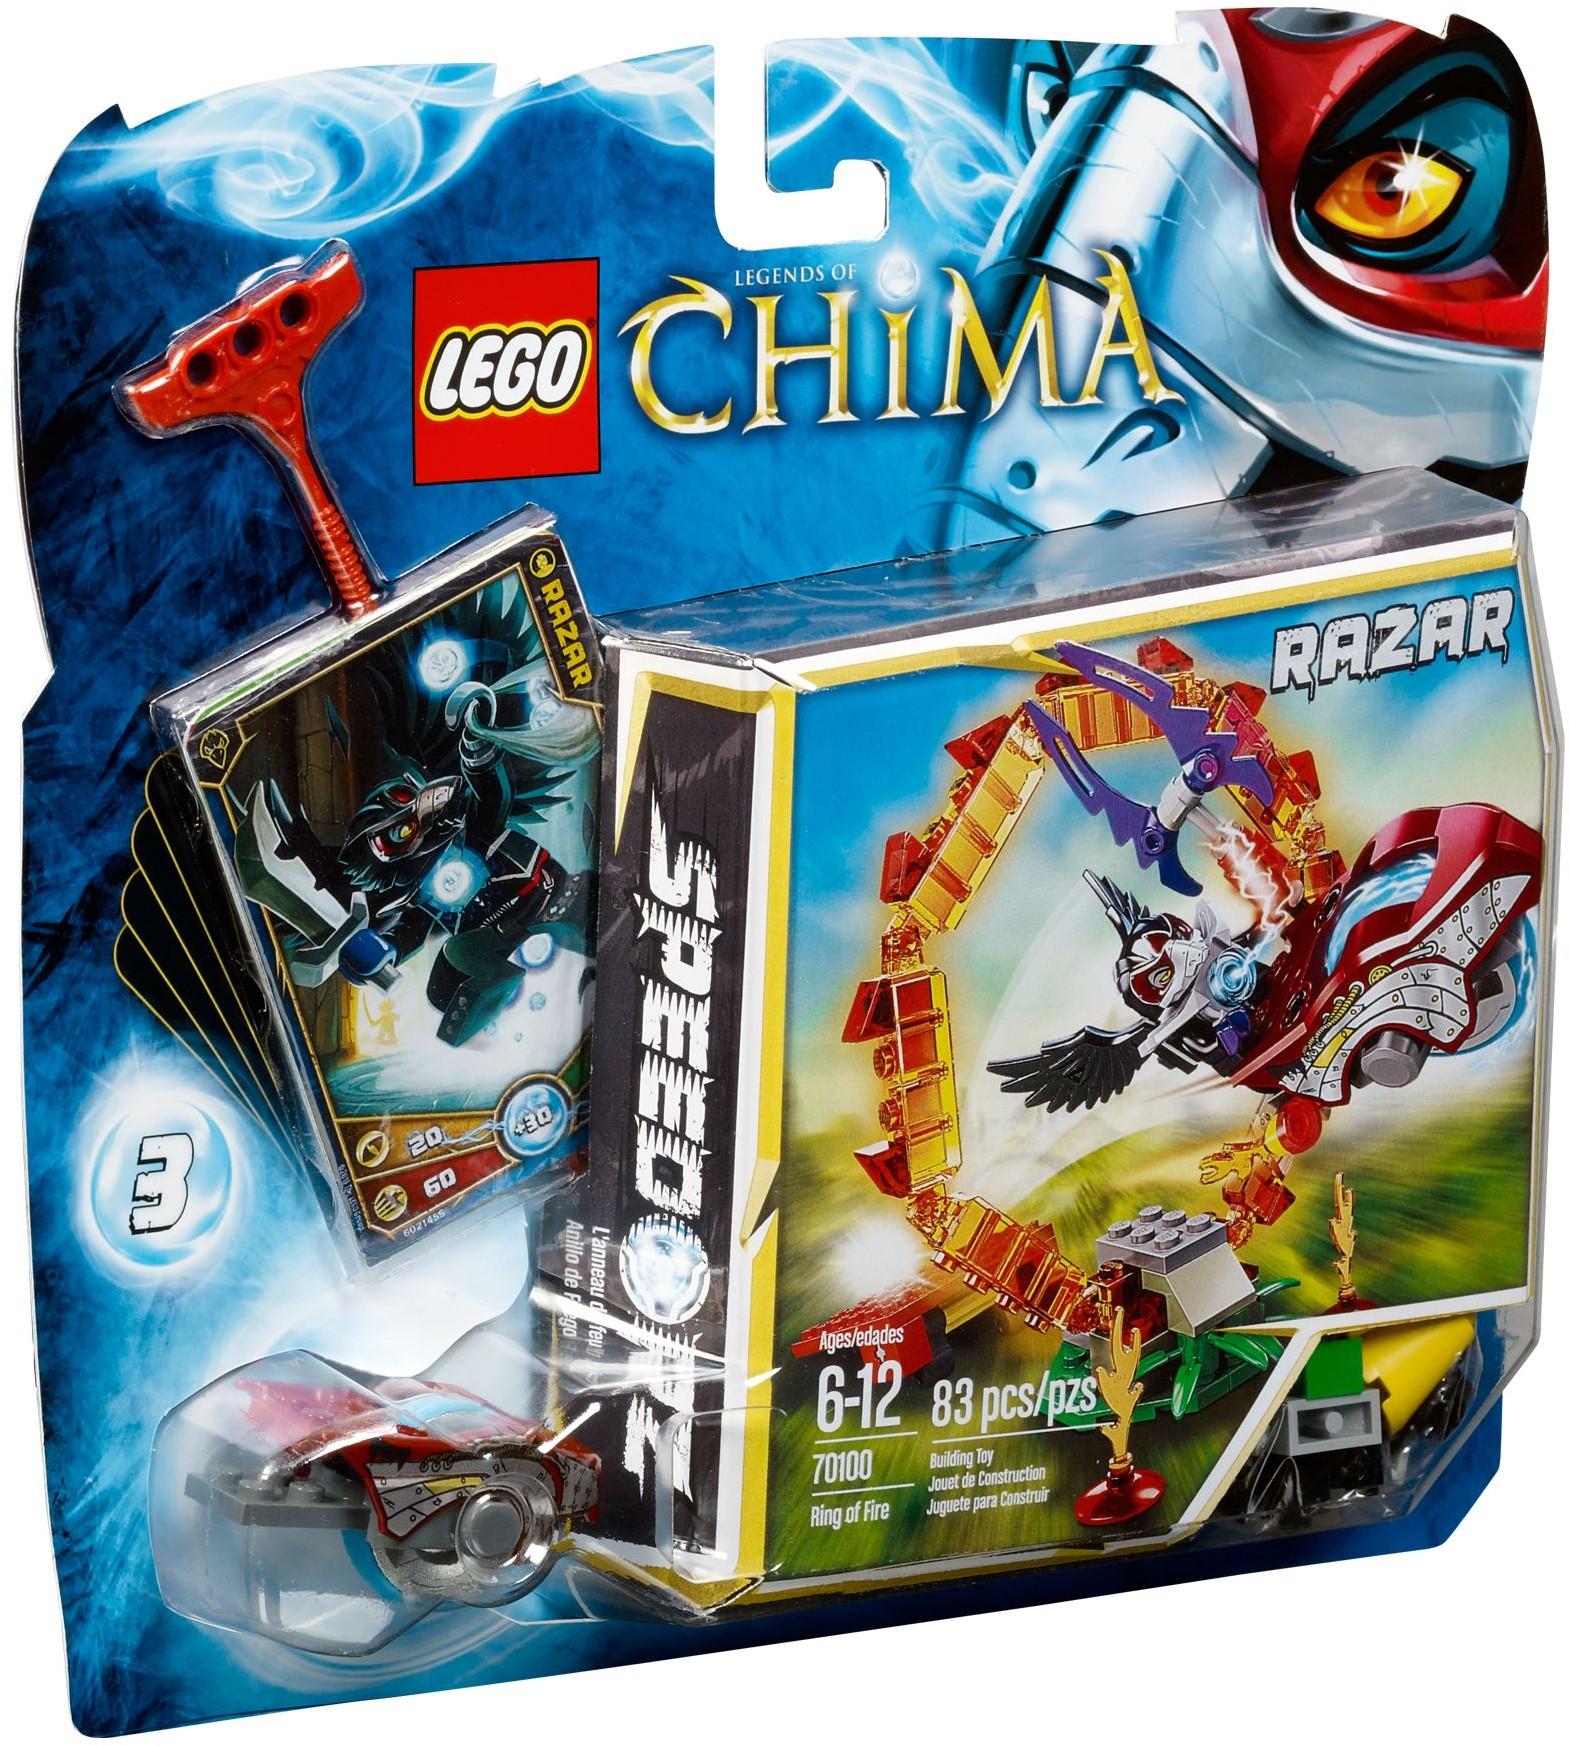 Lego chima 70100 pas cher l 39 anneau de feu - Image de lego chima ...